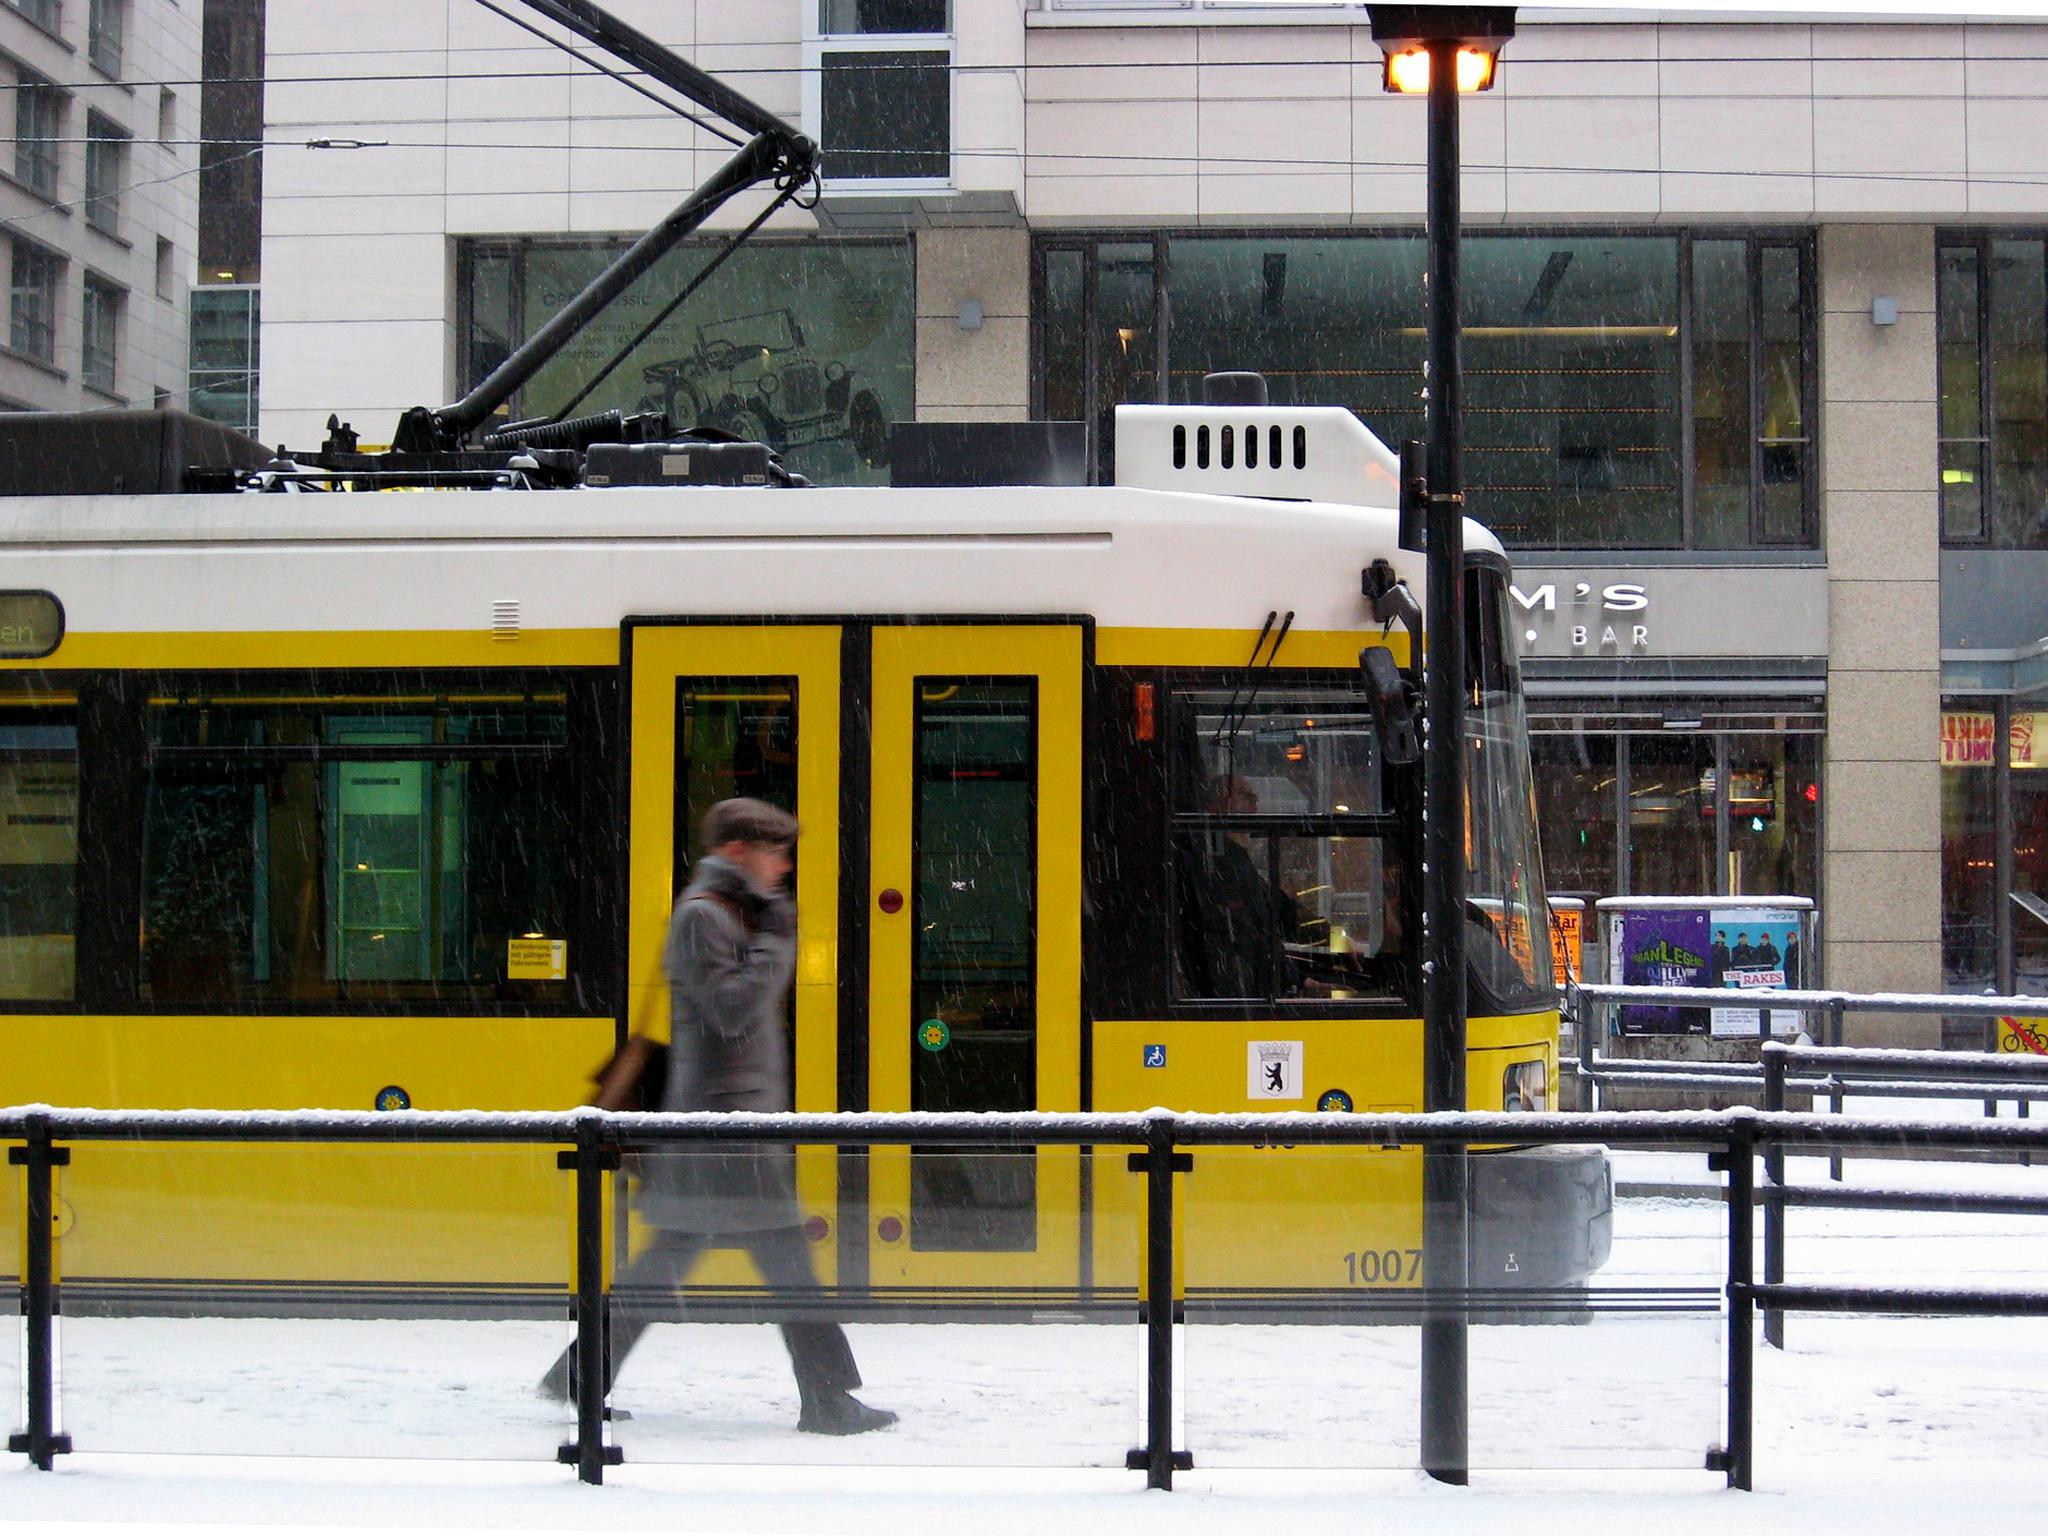 A tram in Berlin